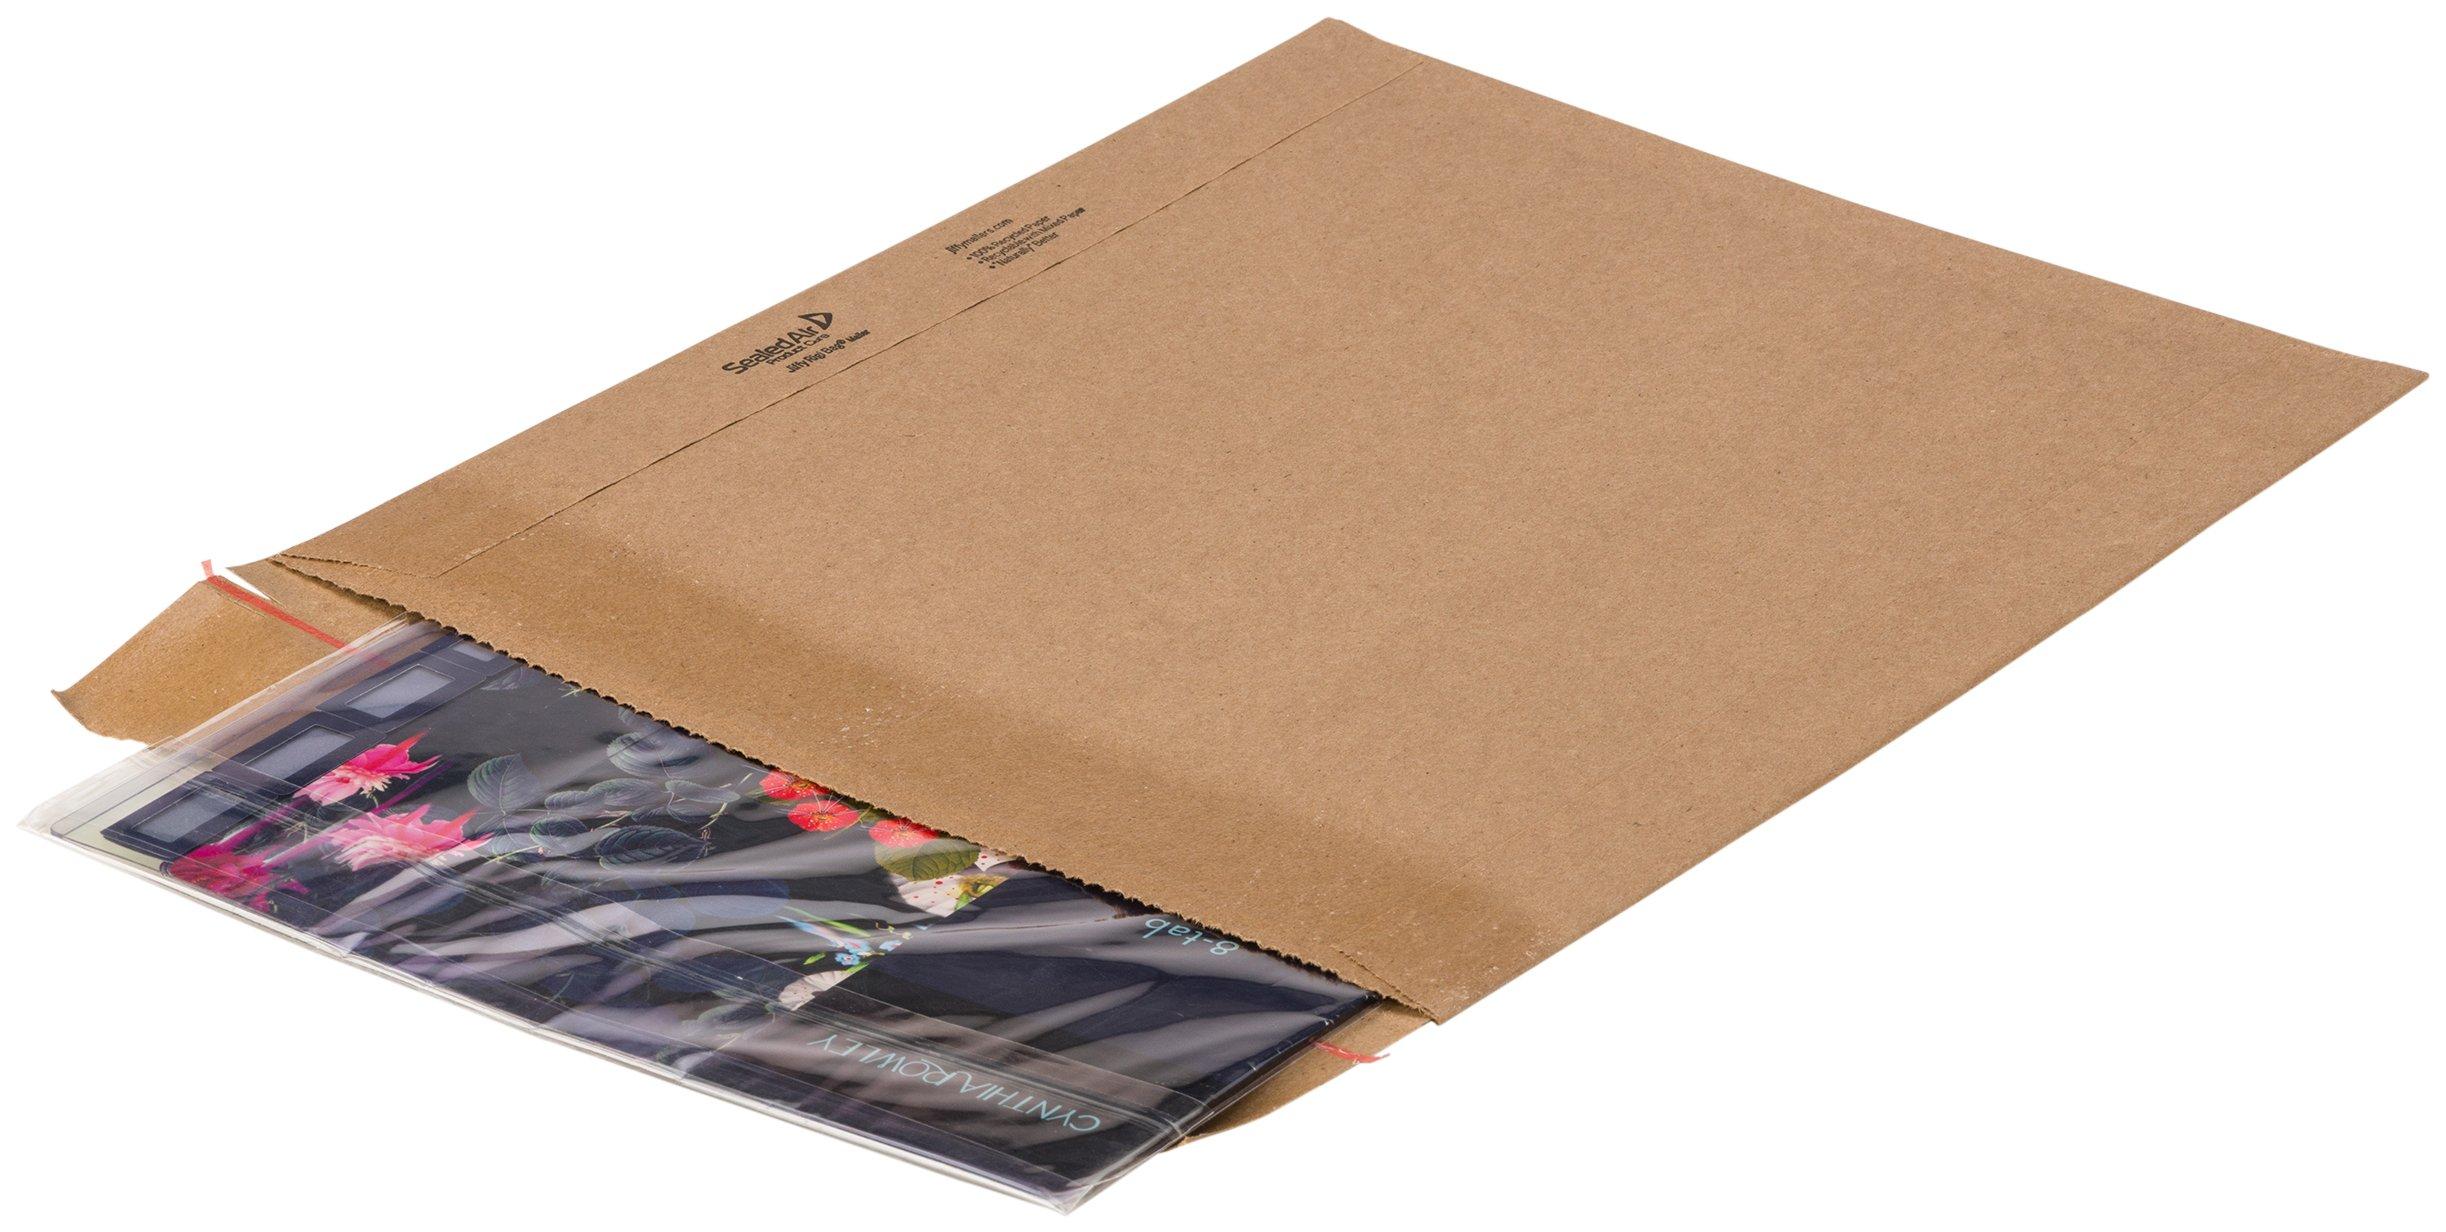 Jiffy Rigi Bag Mailer 89355 #6, 12-3/8'' x 14-7/8'', Natural Kraft (Pack of 100)